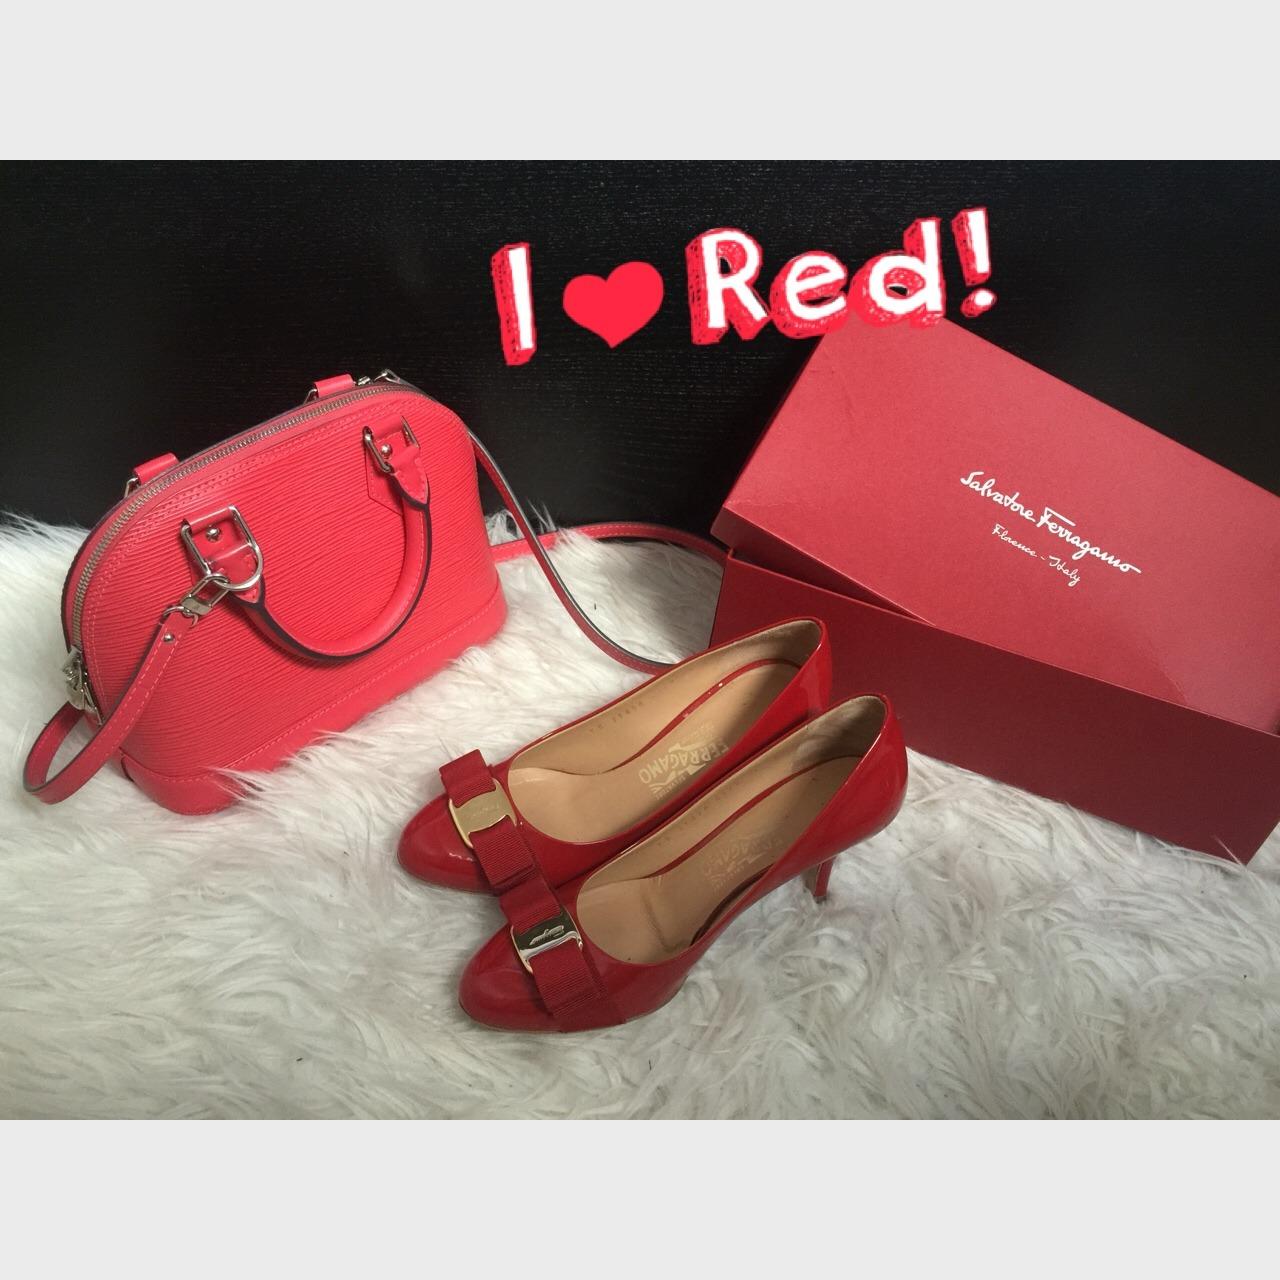 平时很少买正红色的东西,总觉得对我来说不是很好驾驭~不过这种颜色搭配好了真的能让人有惊艳的感觉~ 这两件是平时用的比较多的红色单品了,有时候对于某些想法真的很执拗,比如固执的认为菲拉格慕的鞋子中一定要买双他家正红色的,而且一定要高跟的。所以买他家的鞋子一直是平底的,唯独这一双~ 买这个LV的时候完全是被限量色这几个字套住了,本来是想买漆皮的酒红色,但是朋友都说不好看,直到在楼上看到了这个西瓜红(也不清楚官方说是什么颜色,柜姐说是pink),虽然是红色但是挺百搭的,涨价之前在巴黎香街总店买的~ 还有今天早